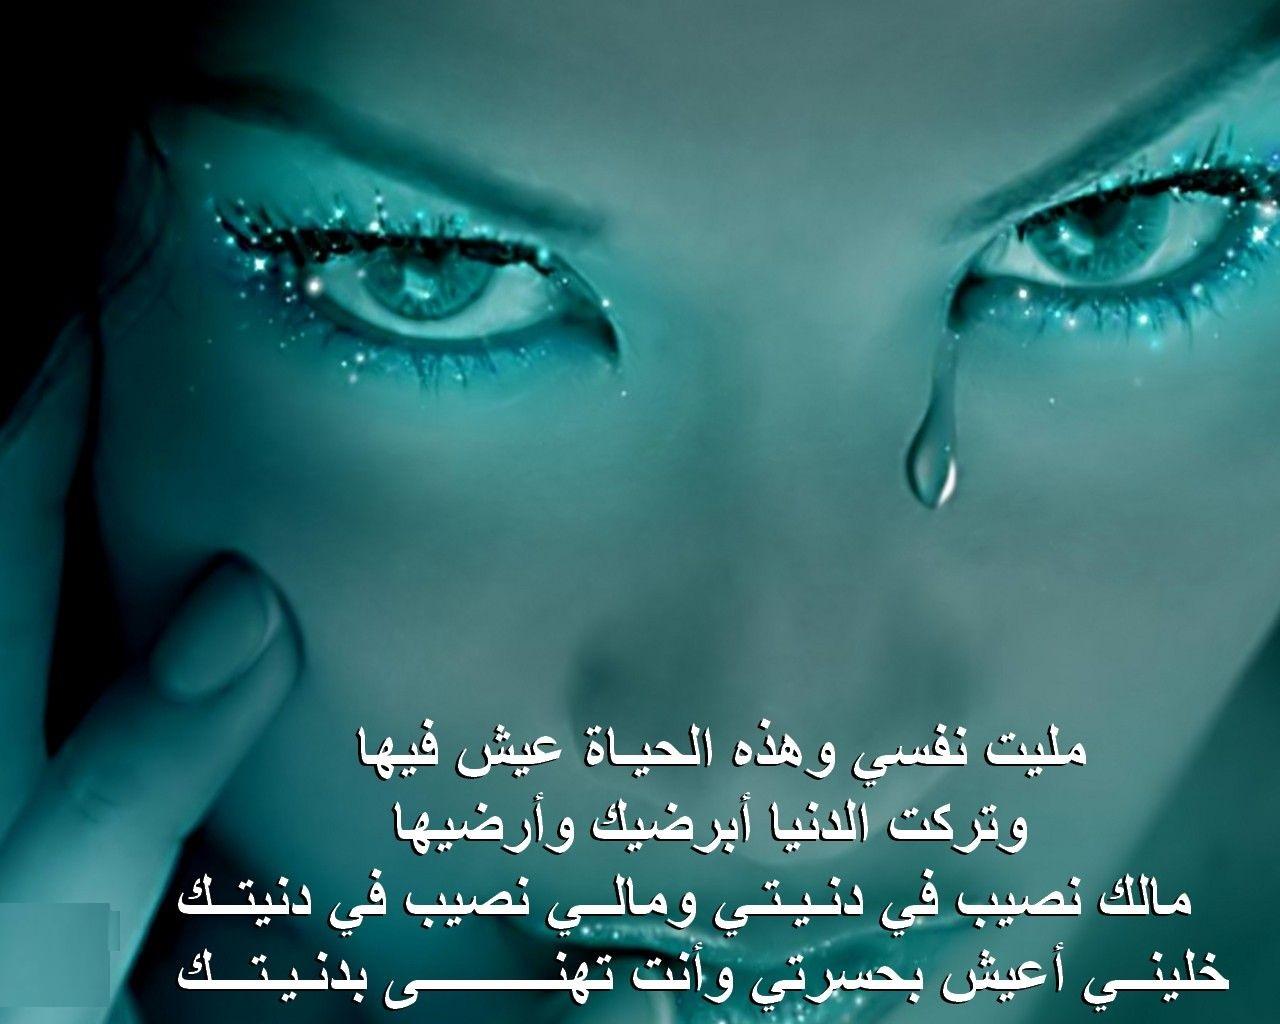 صوره صورحزينة مع عبارات , عبارات حزينه جدا